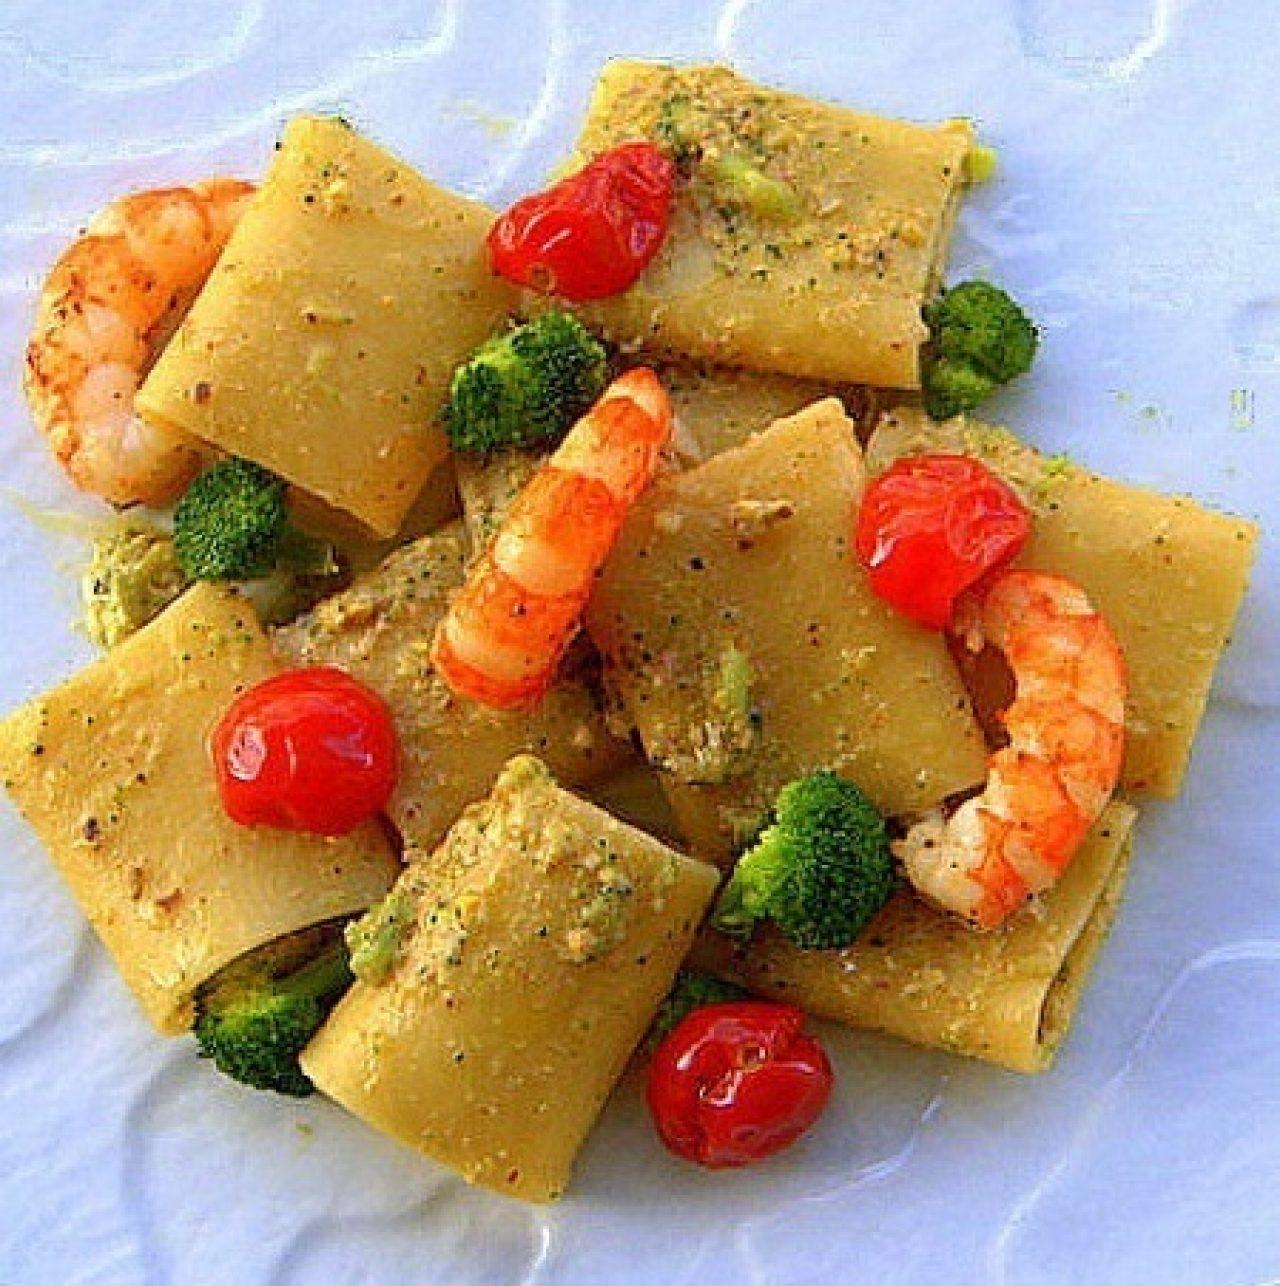 Pasta Armando Pacchero Con Bisque Leggera Gamberoni Pesto Di